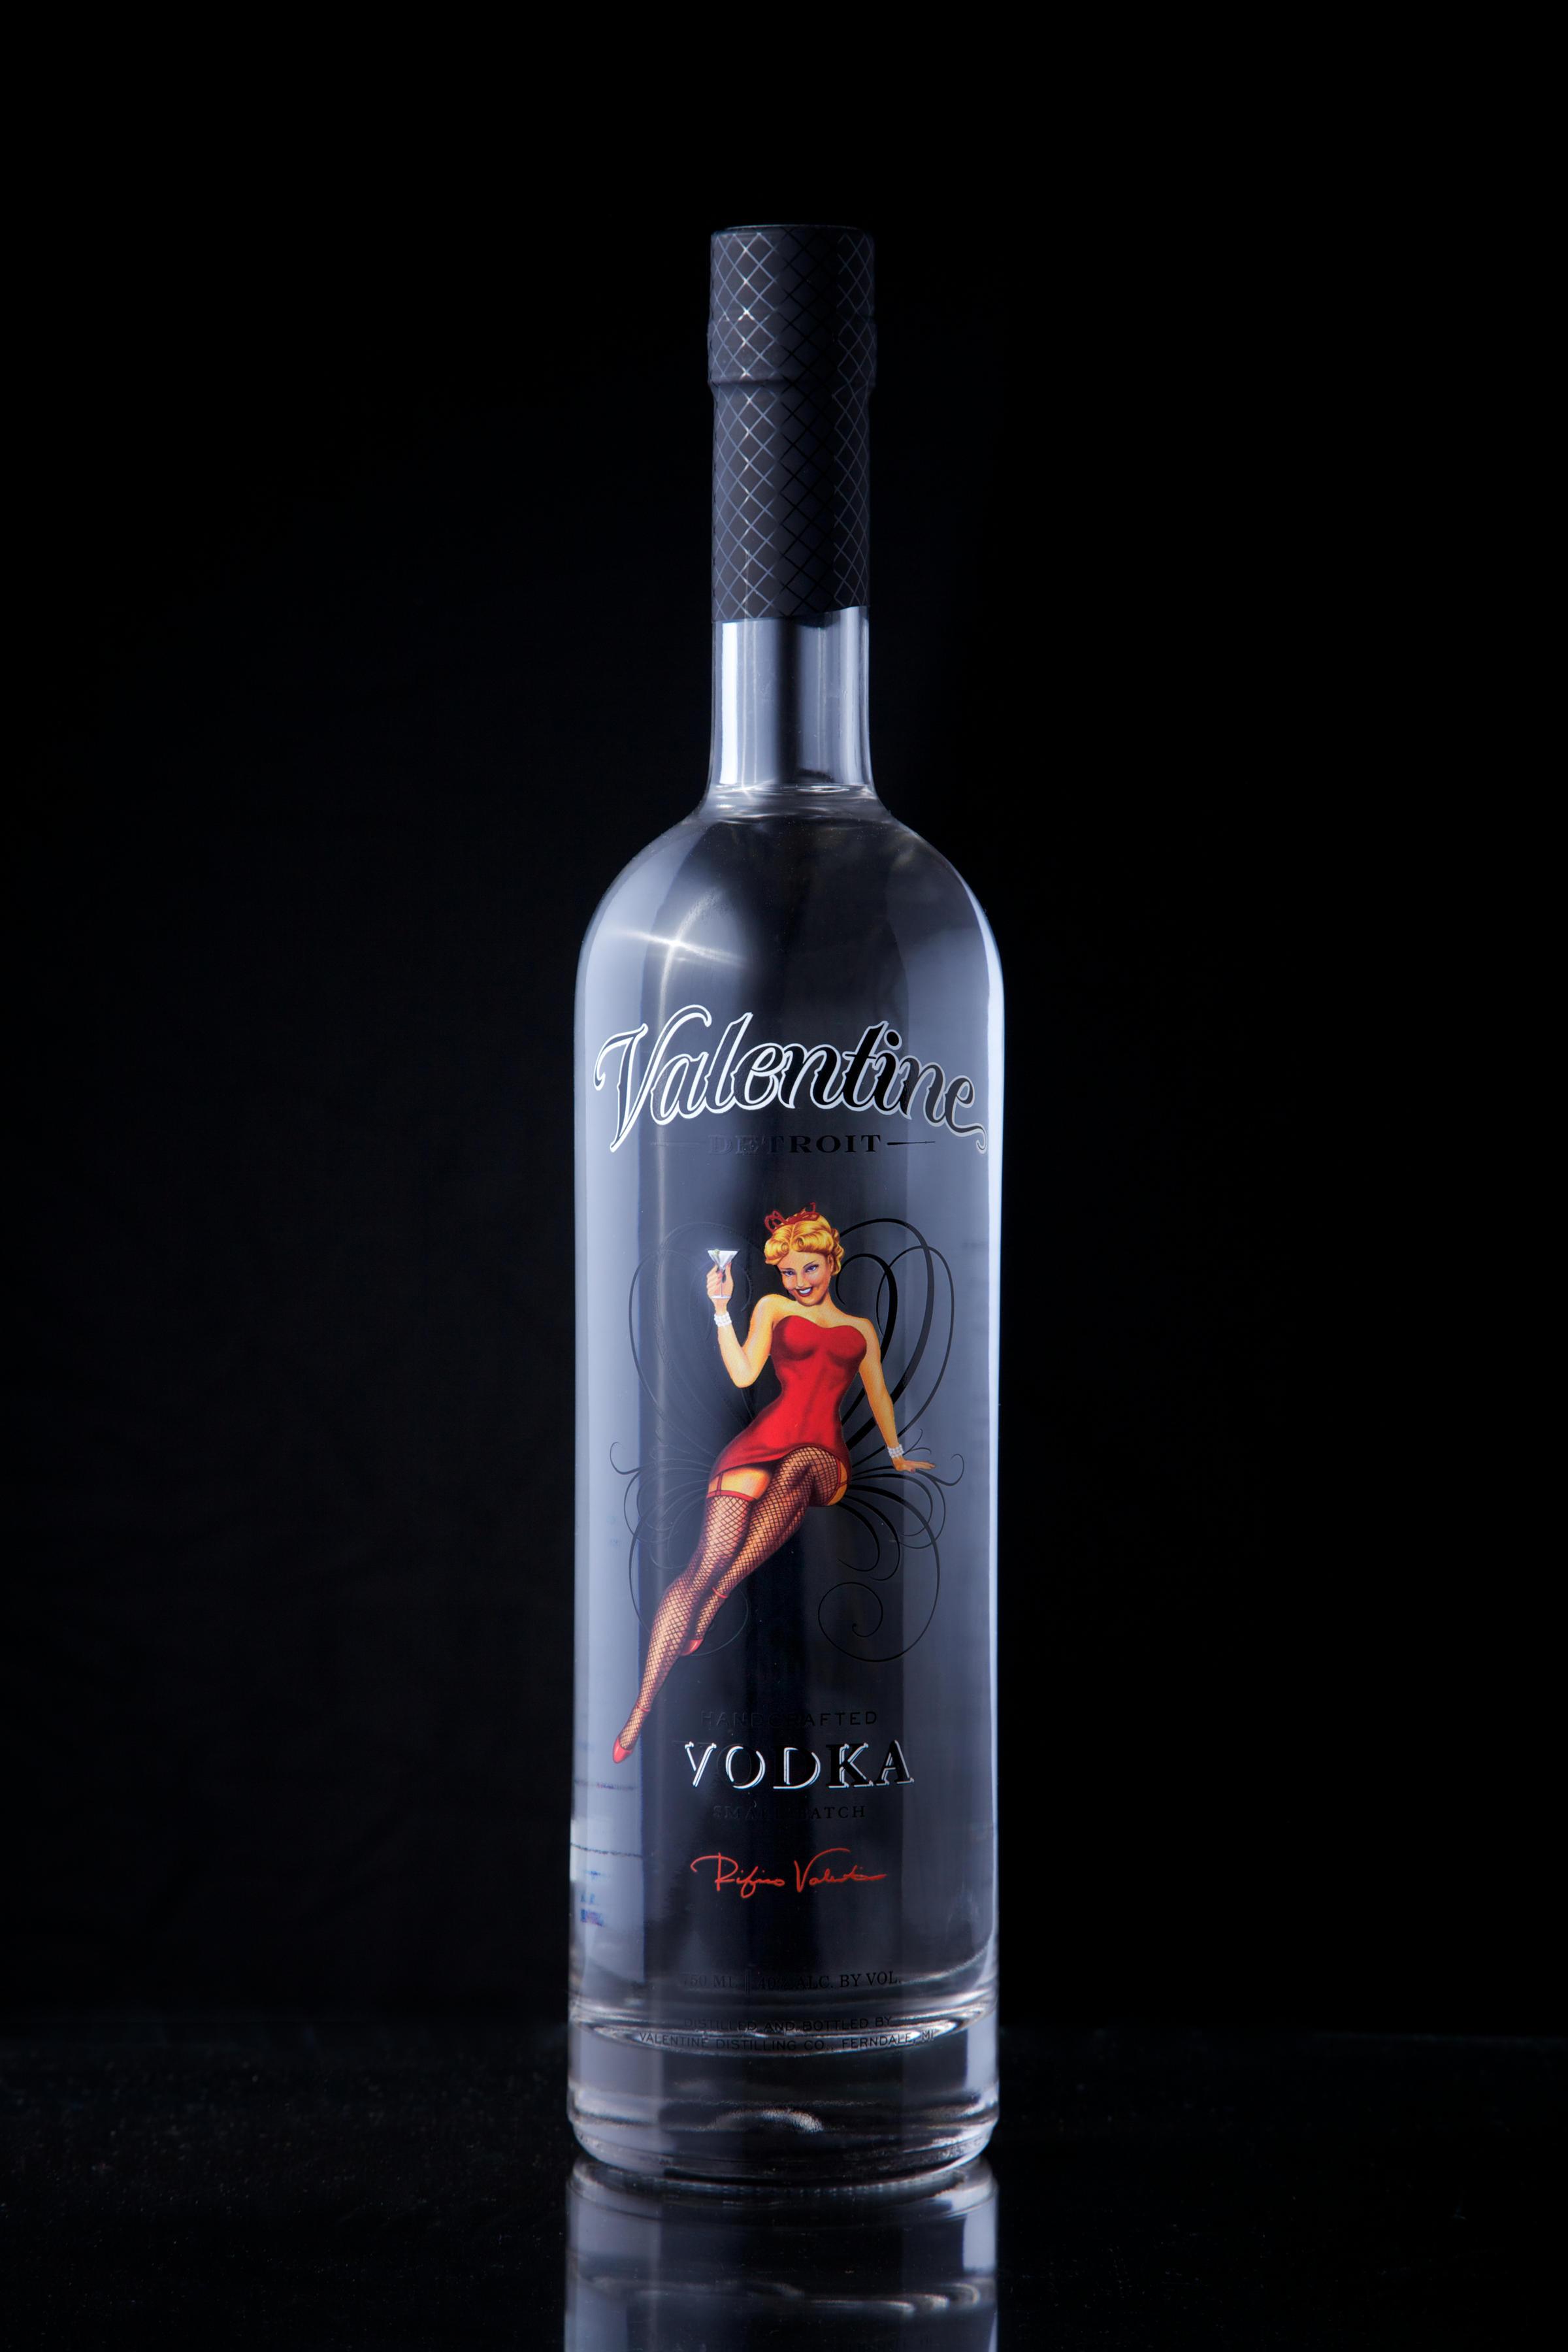 Schön Valentine Vodka